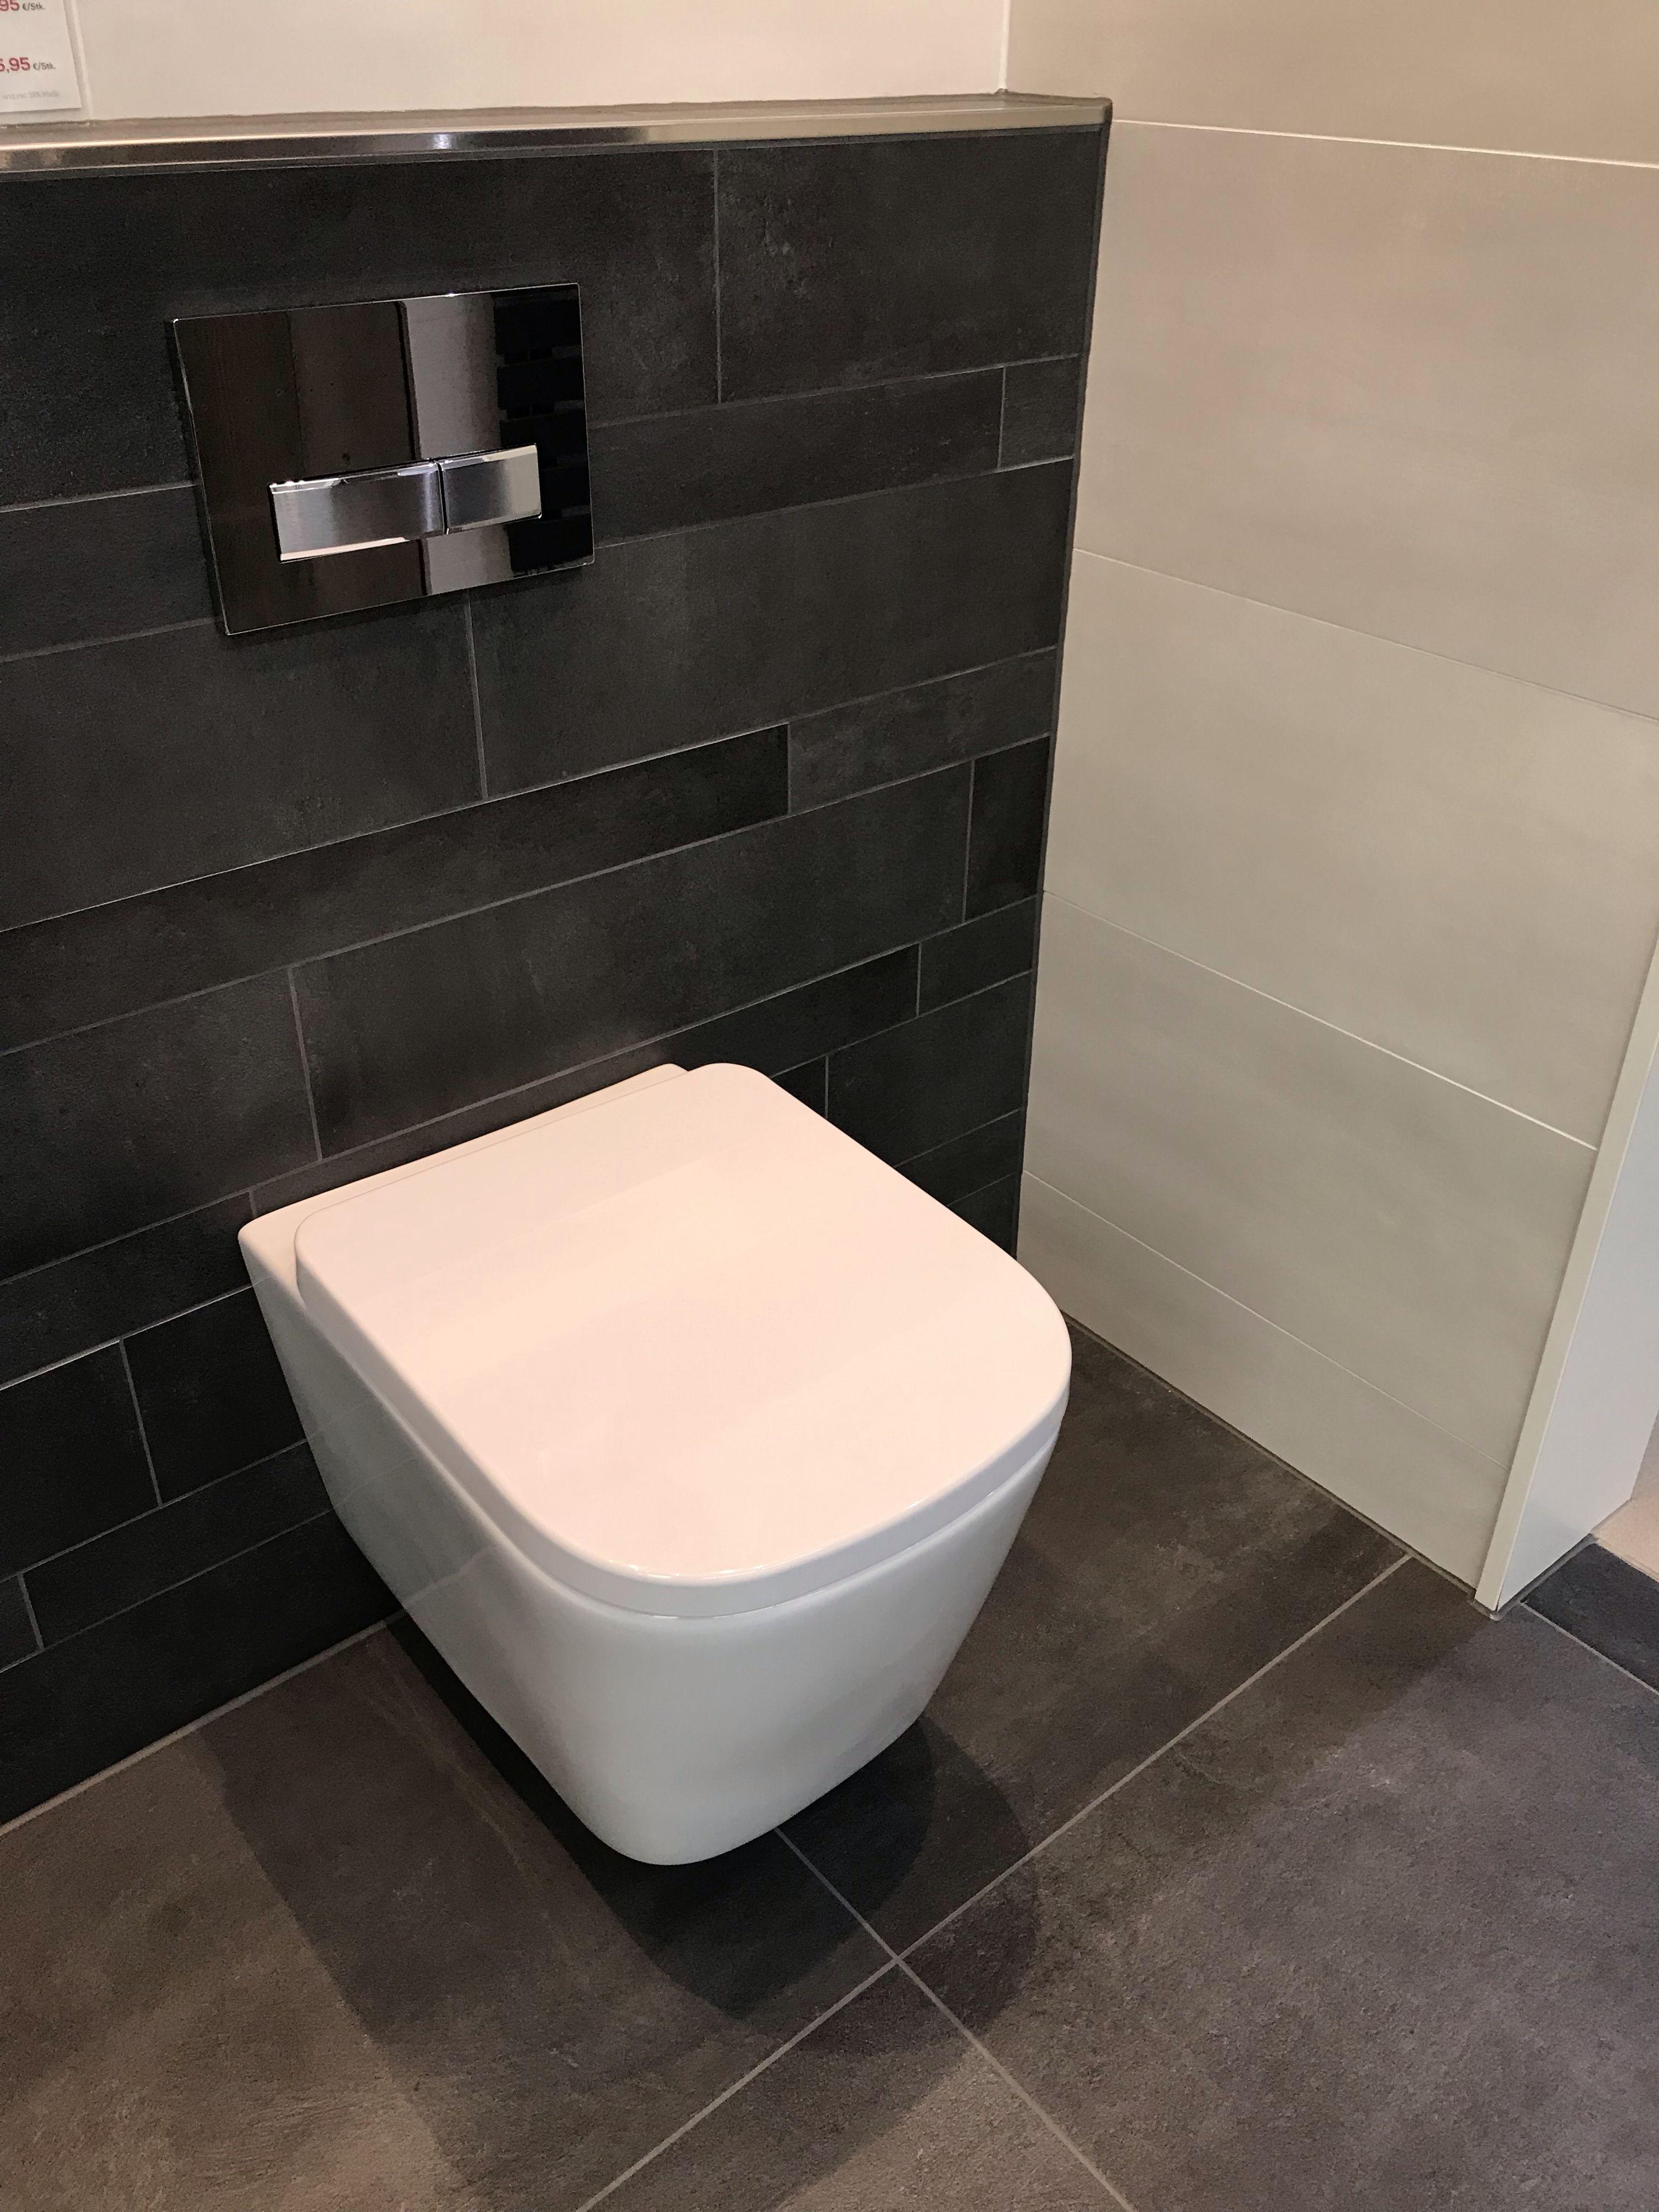 Bodenbelag Schwarze Fliesen Weisse Wande Badewanne Regale Armaturen Badezimmer Bathroom Inte Schwarze Badezimmer Armaturen Badezimmer Schwarz Schwarze Fliesen